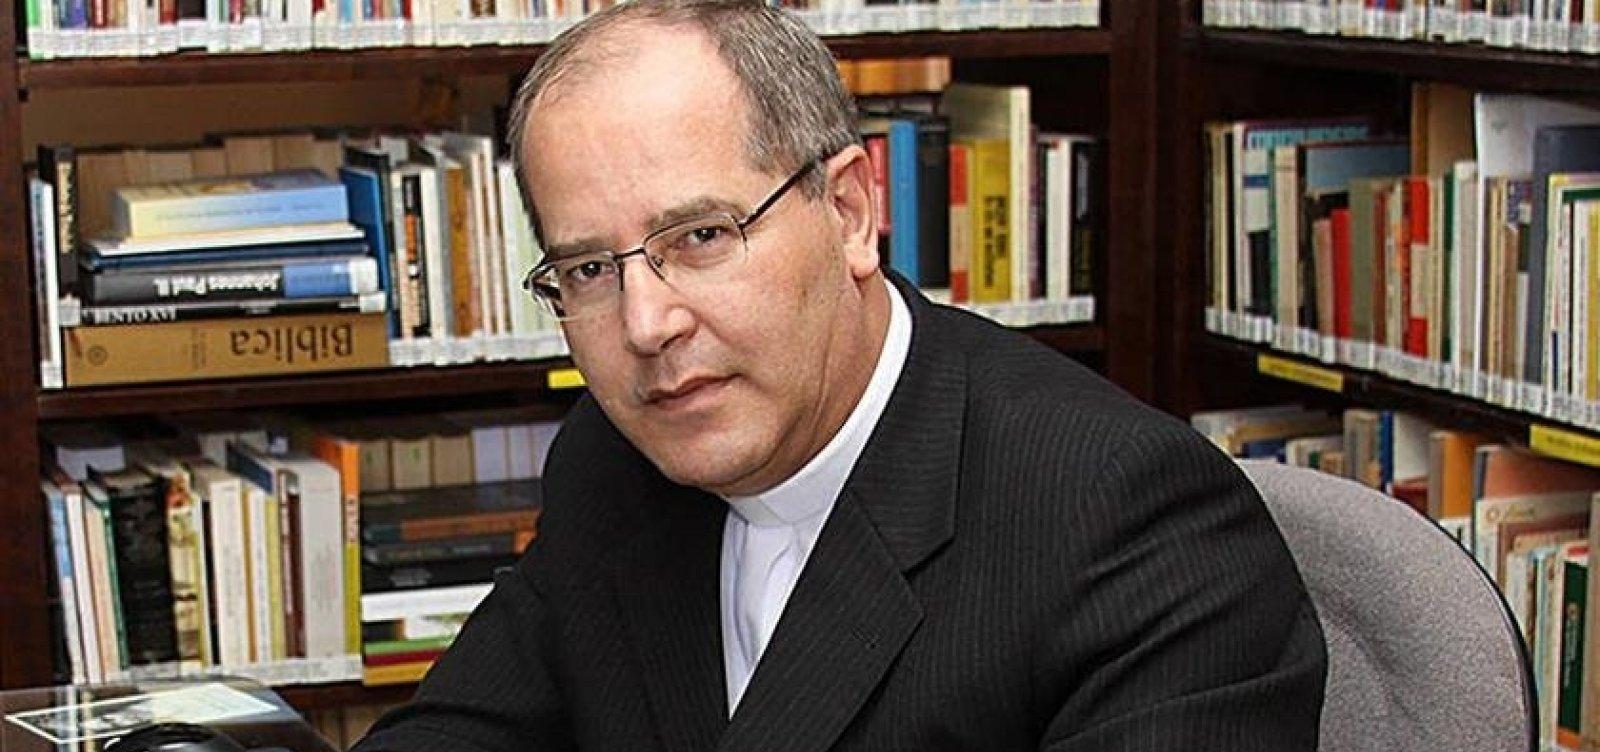 Arcebispo baiano é eleito novo presidente da CNBB